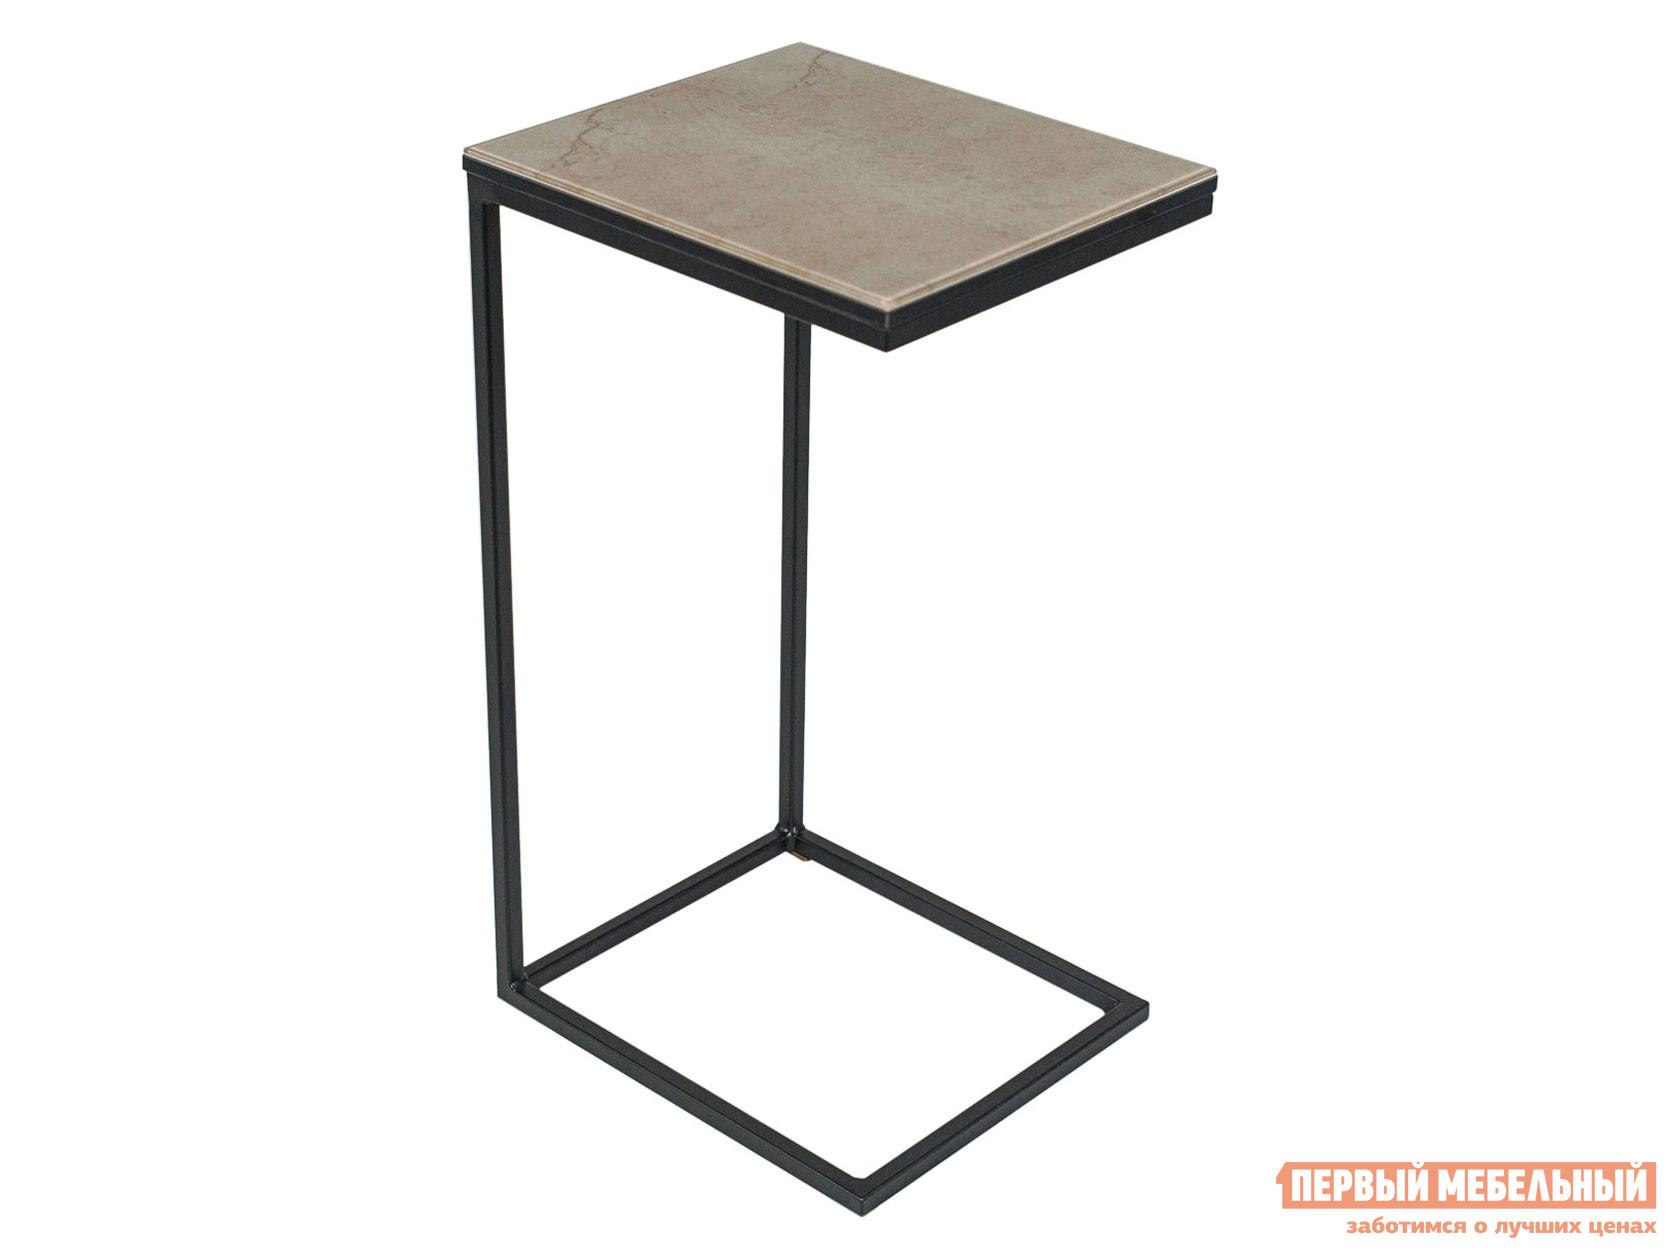 Придиванный столик Первый Мебельный Стол ДП1-03-04 придиванный М86